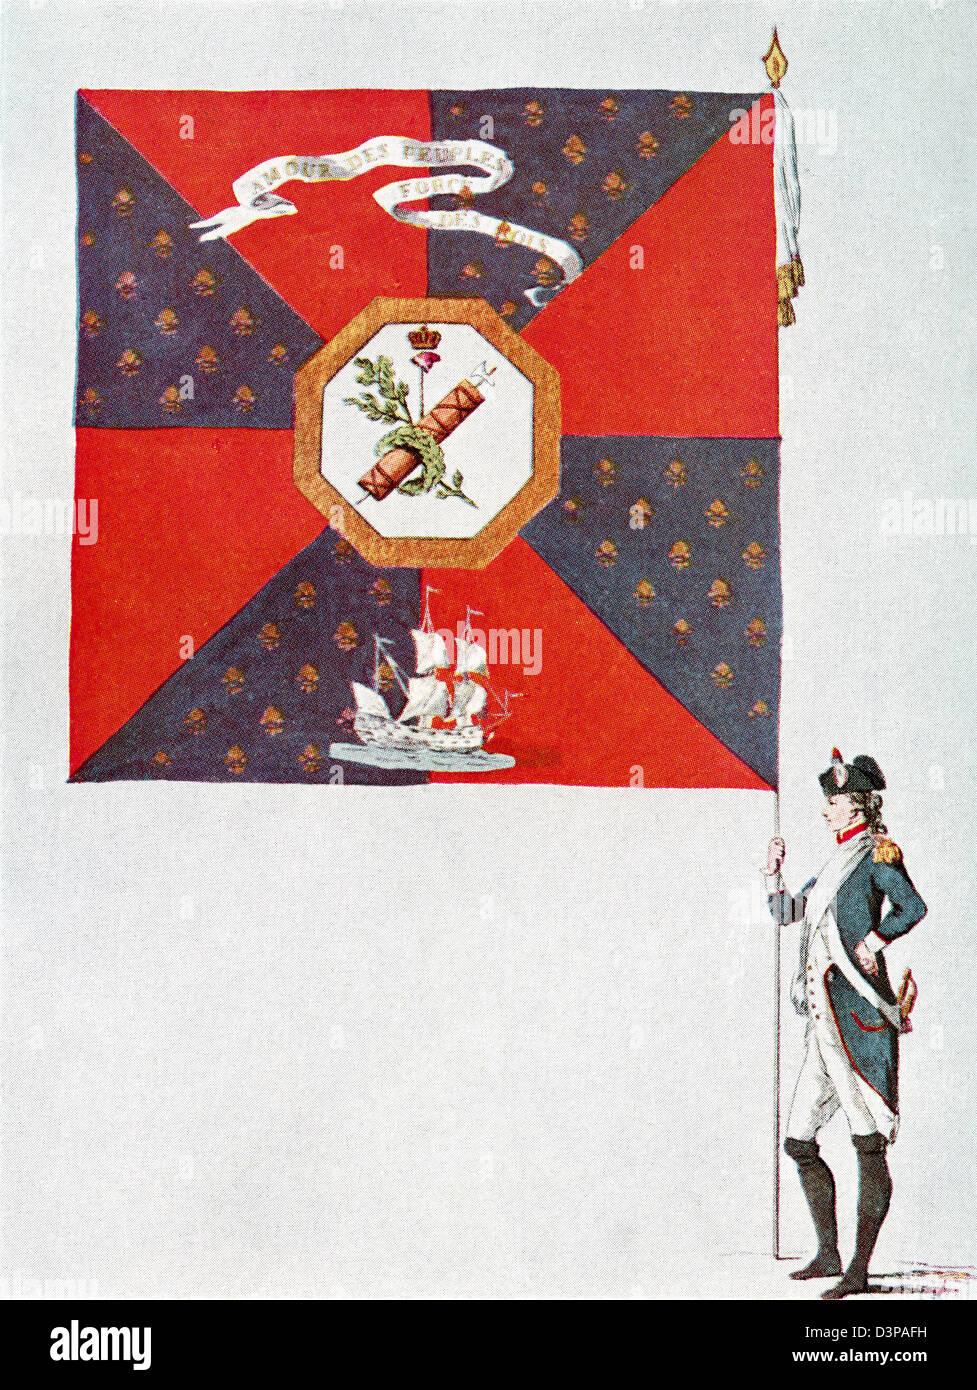 Battalion flag of the Parisien National Guard, Battalion de L'Oratoire. - Stock Image